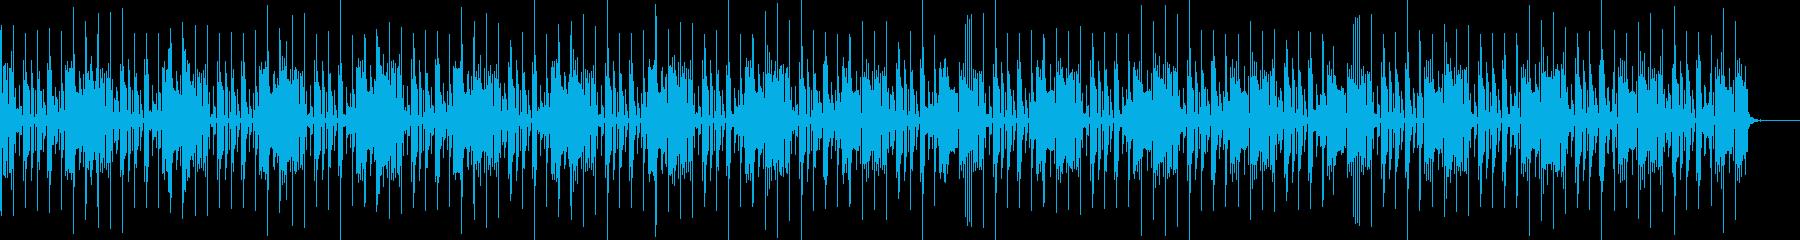 無機質なエレクトロサウンドの再生済みの波形